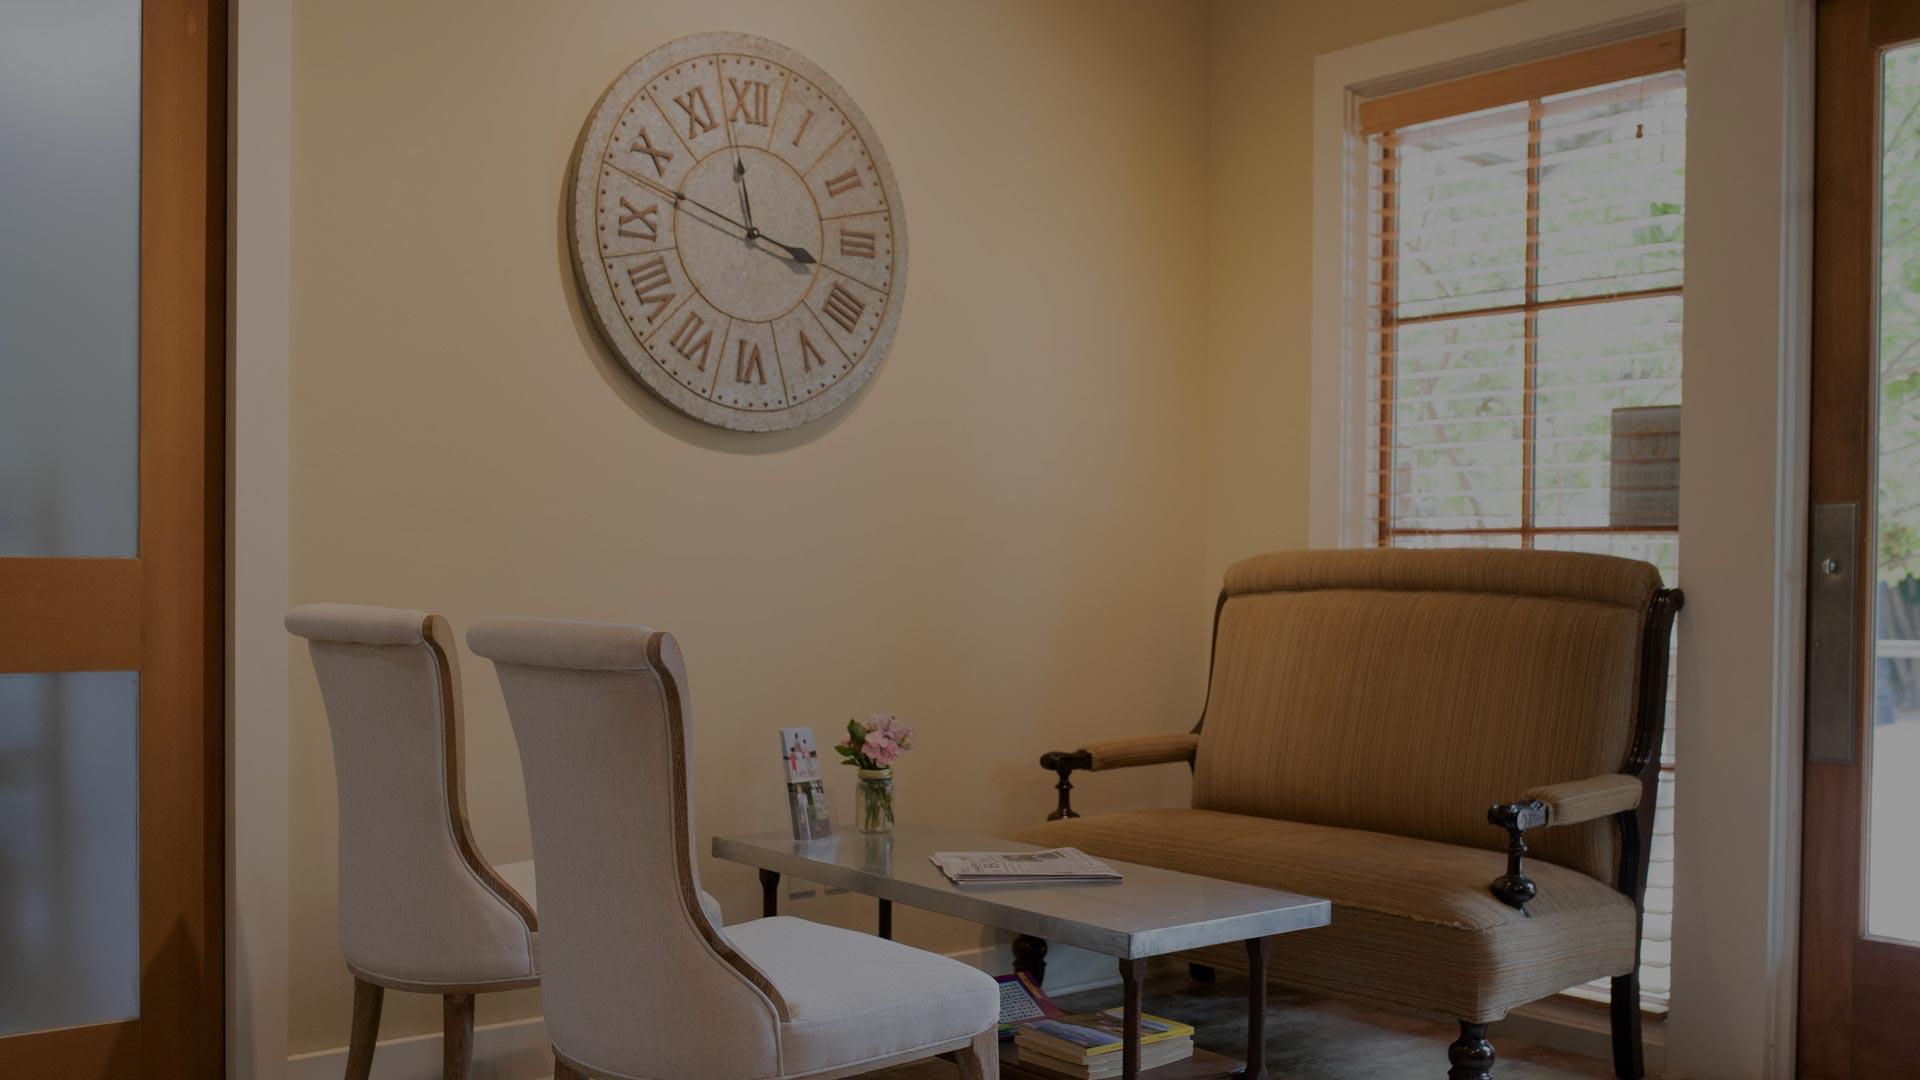 Lovorn & Ogle, PLLC | Legal Services - Home